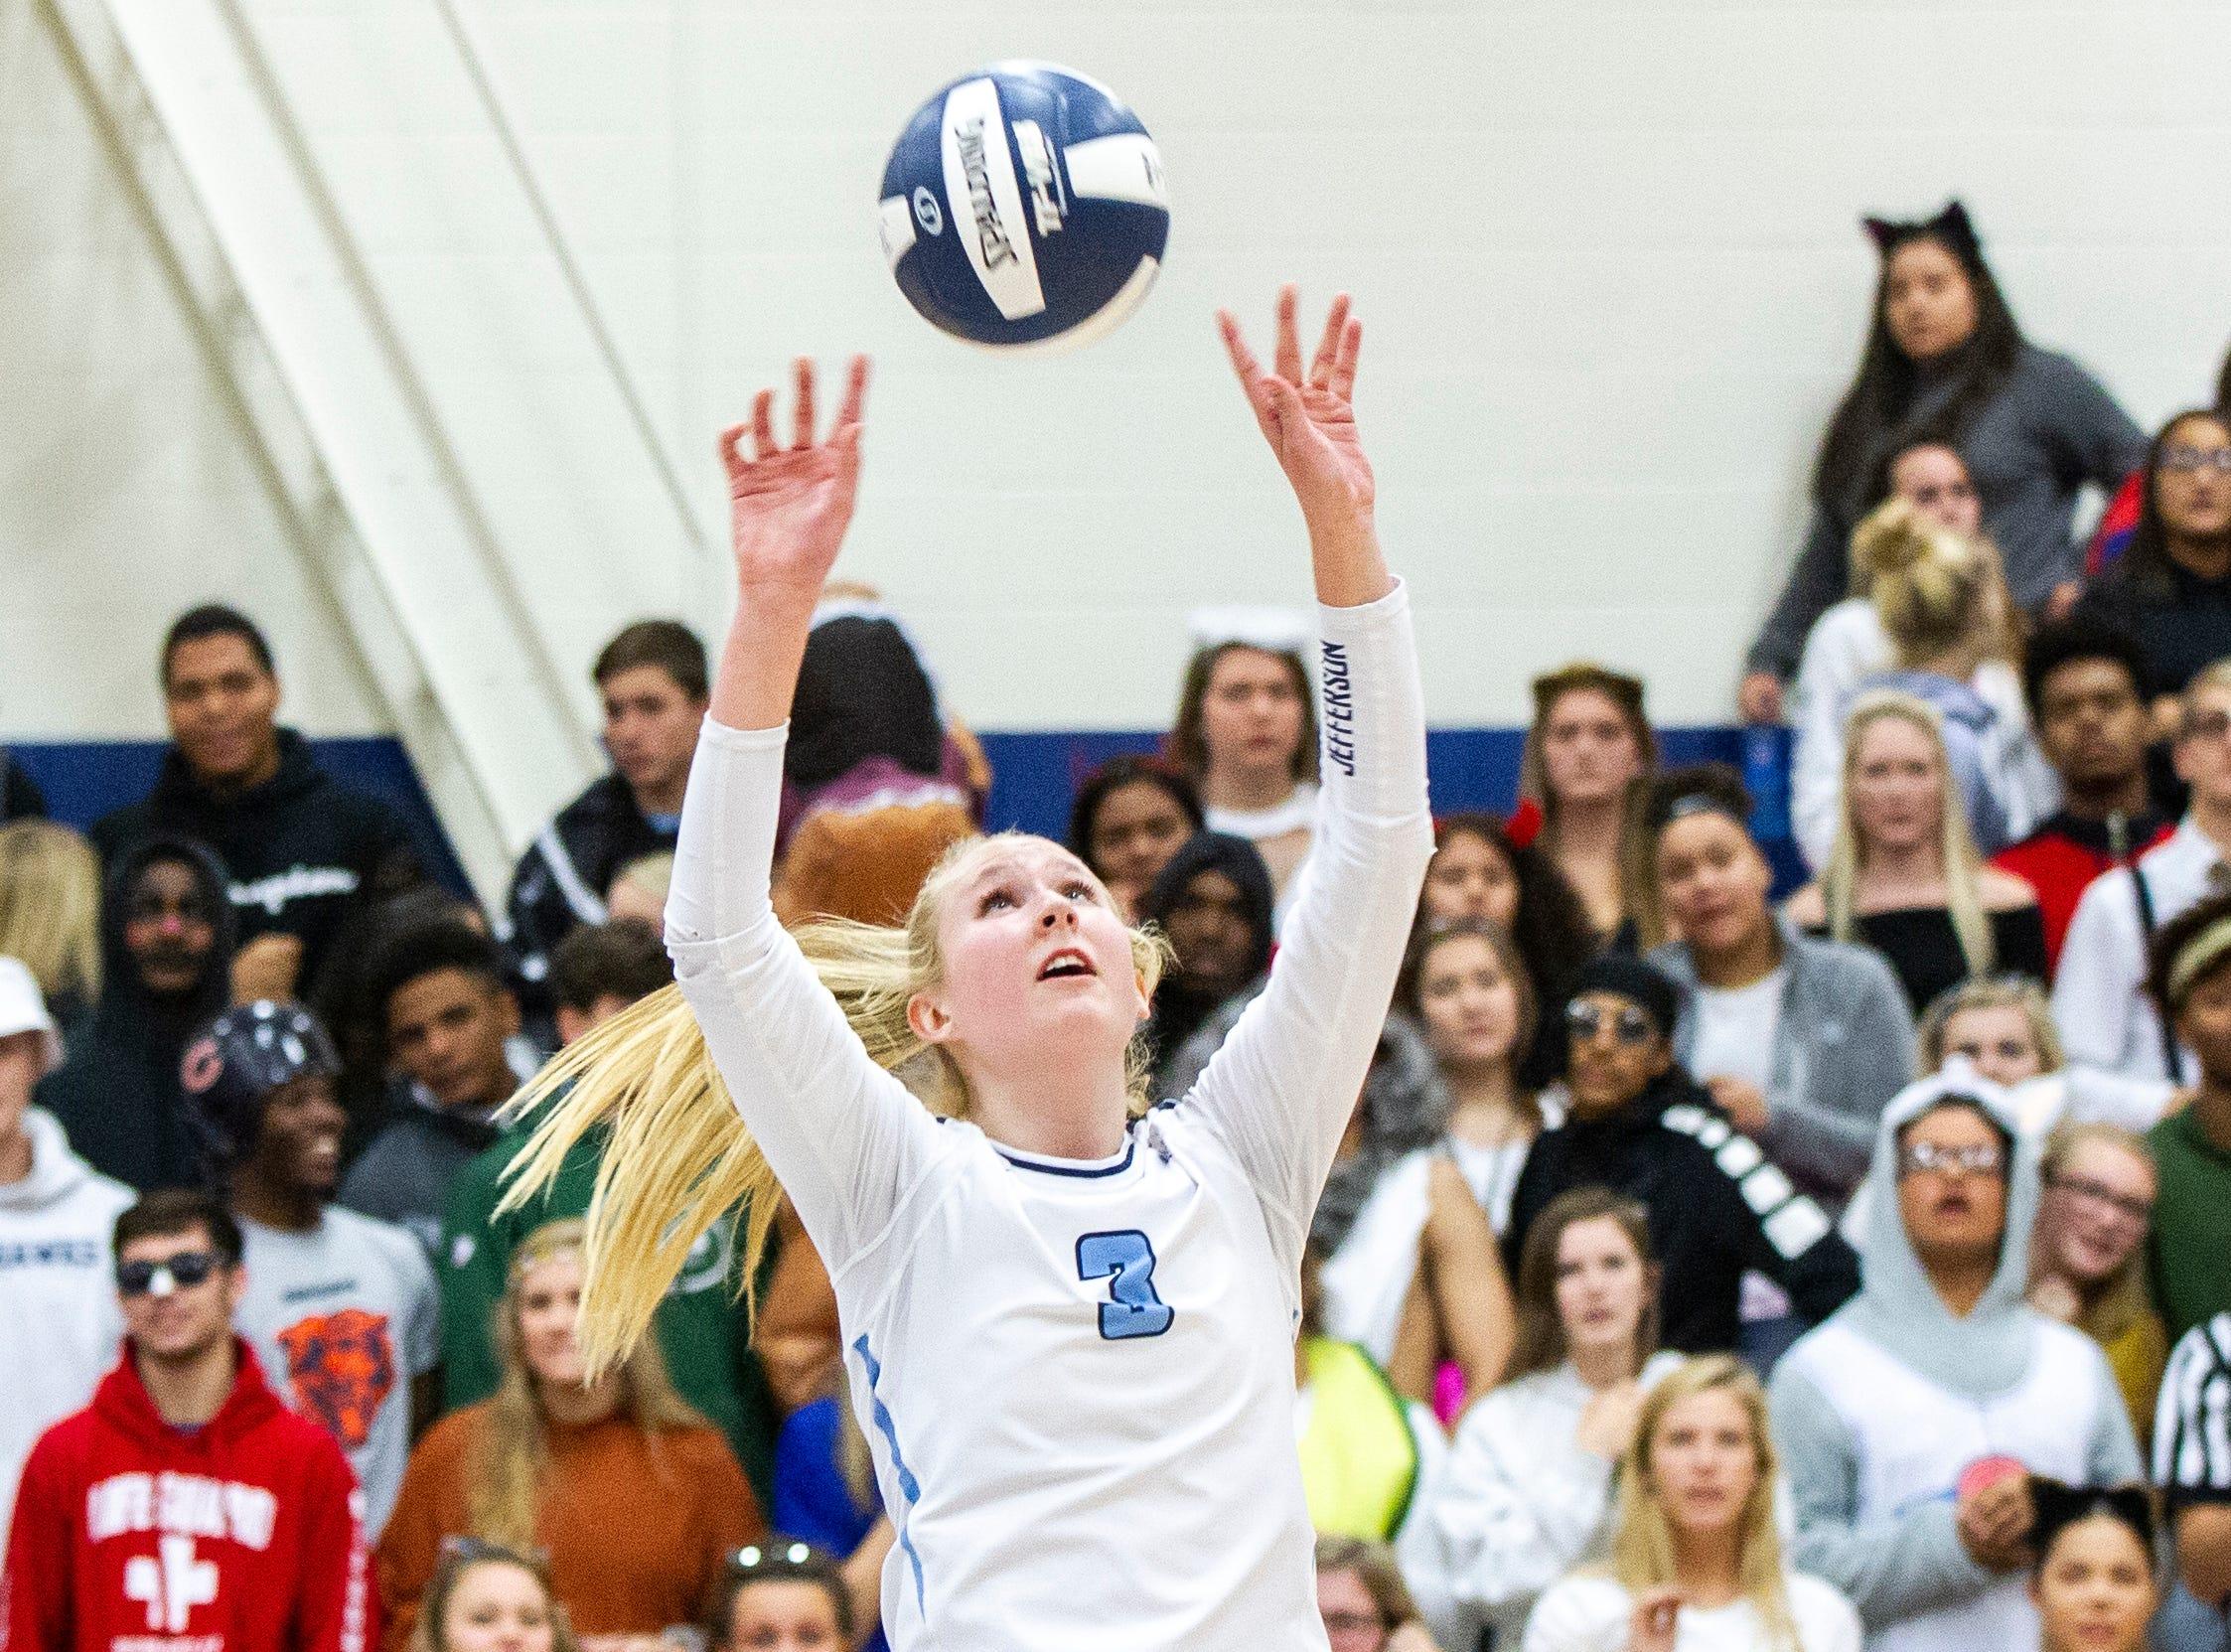 Cedar Rapids Jefferson's Maddy Baxter sets a ball during a Class 5A volleyball regional final game on Monday, Oct. 29, 2018, at Jefferson High School in Cedar Rapids.